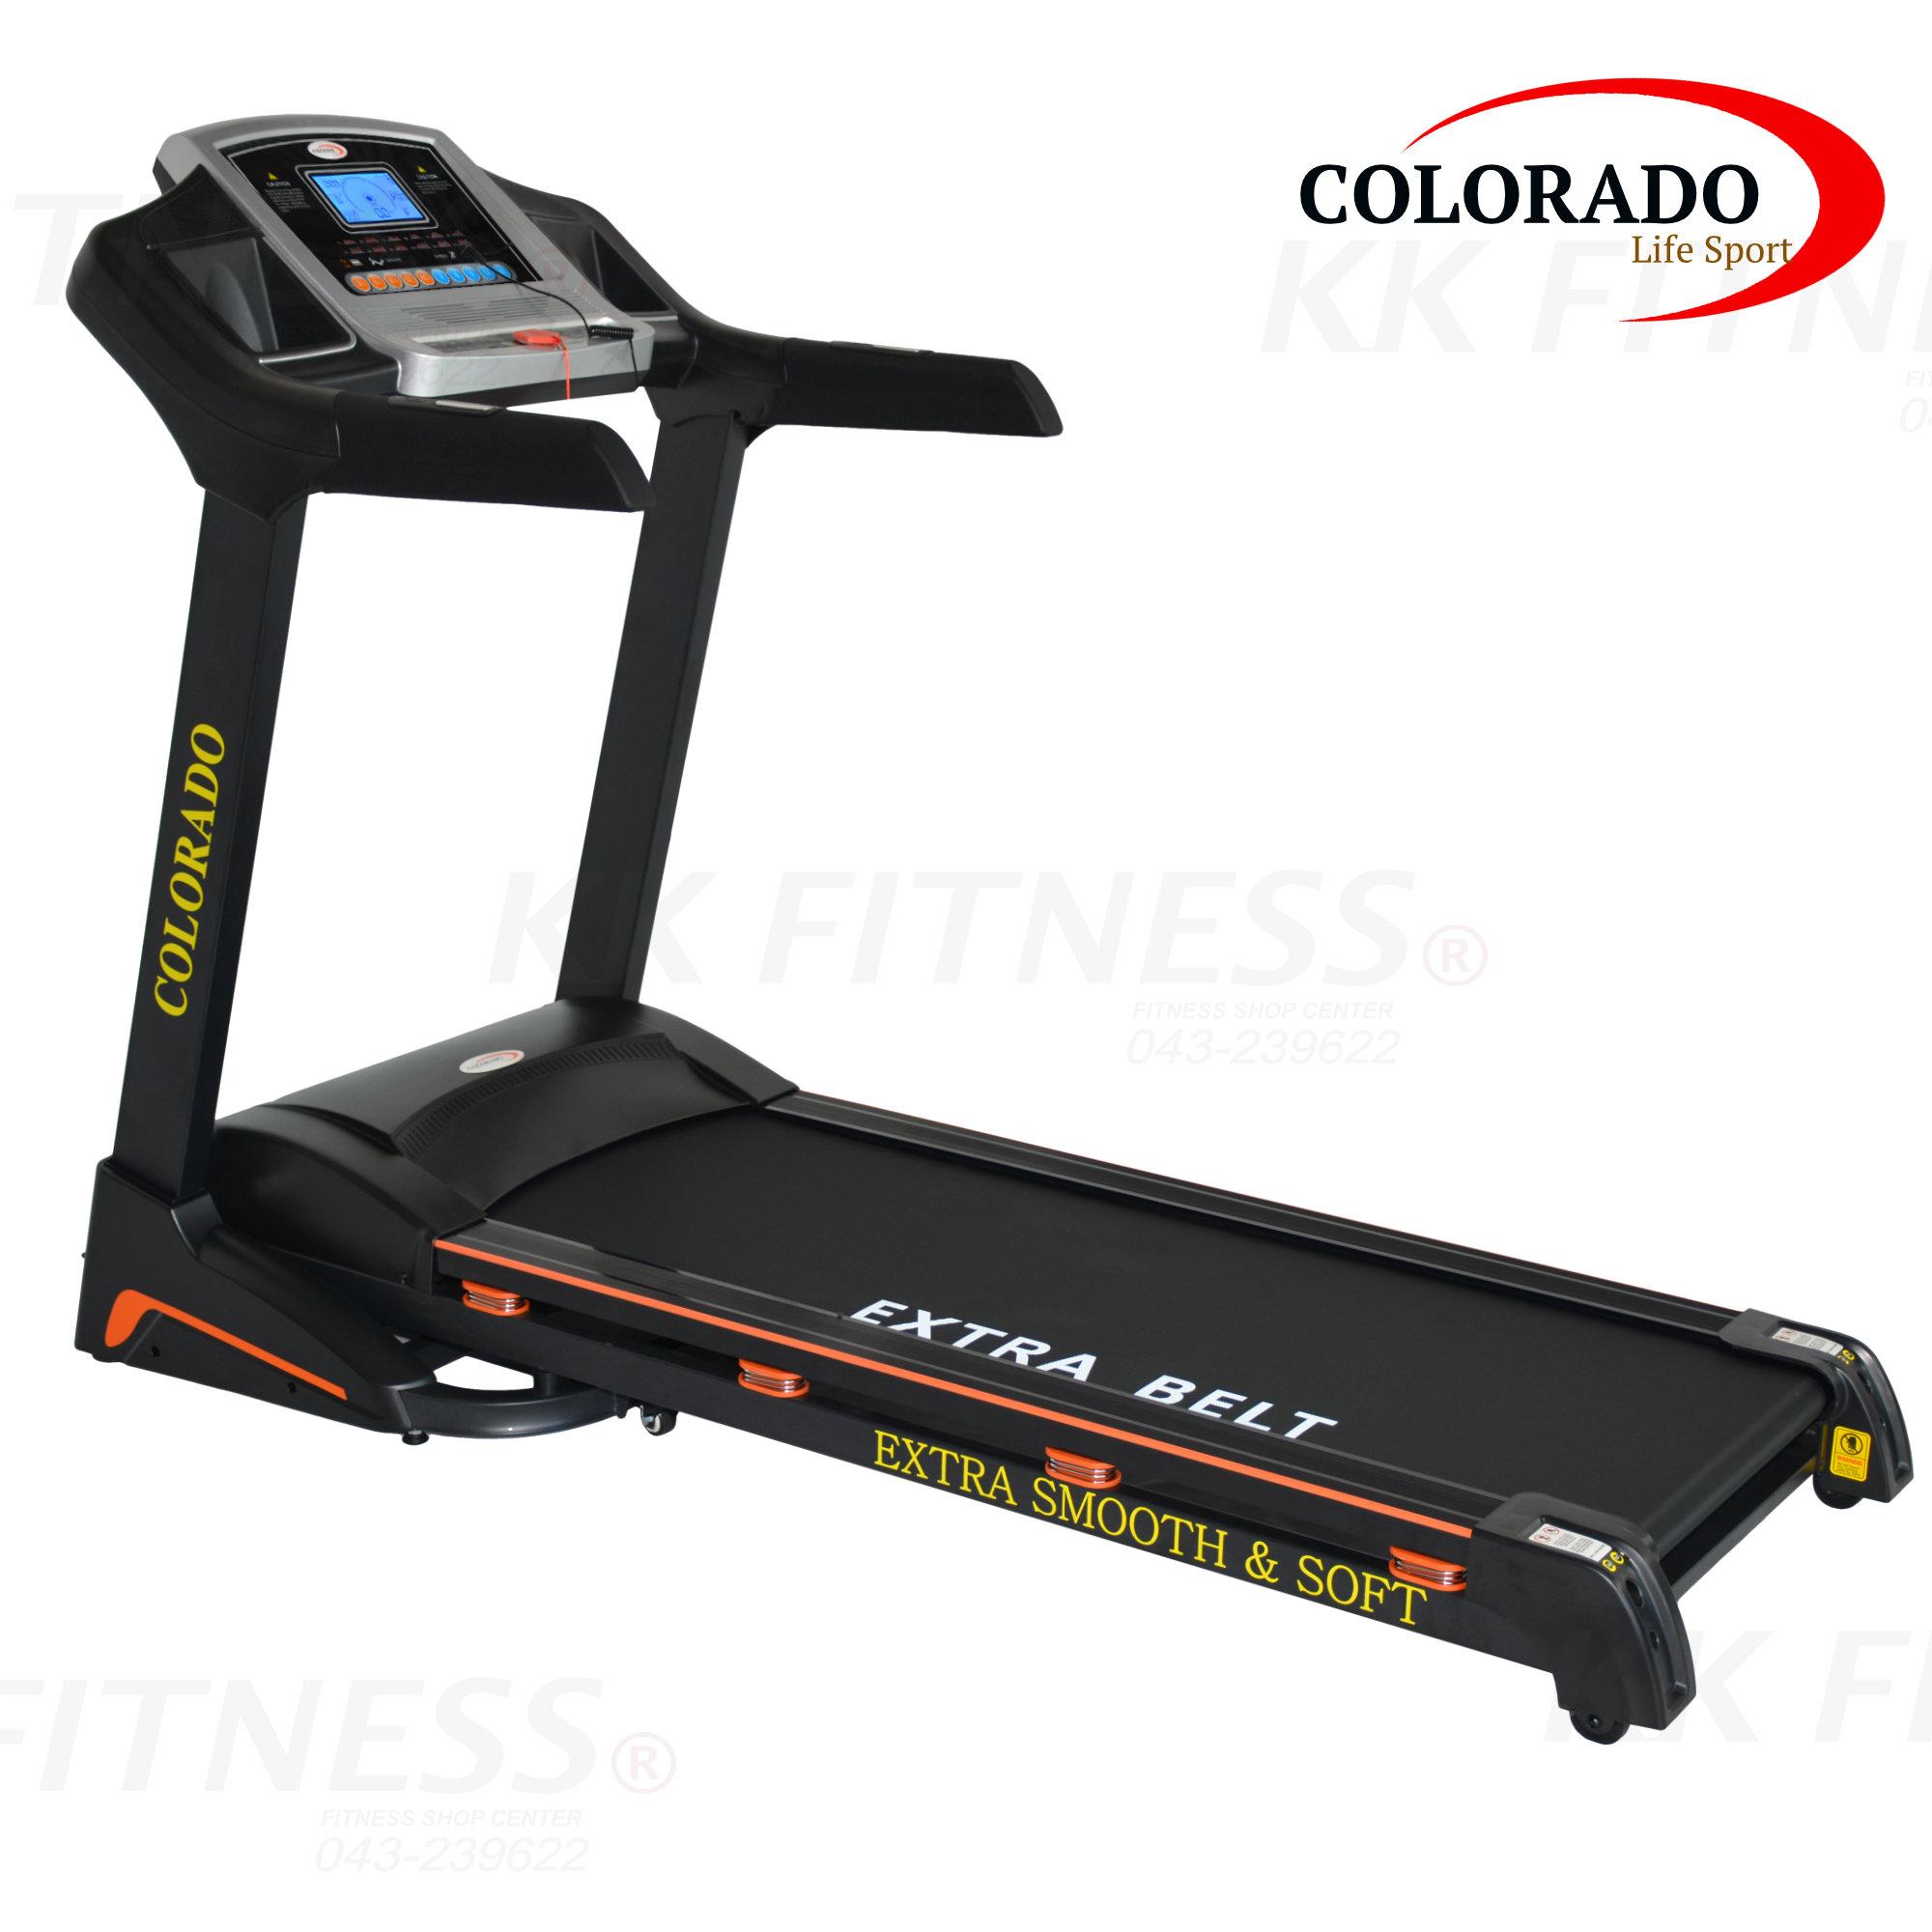 ลู่วิ่งไฟฟ้า : Colorado Z5964 - 3 HP